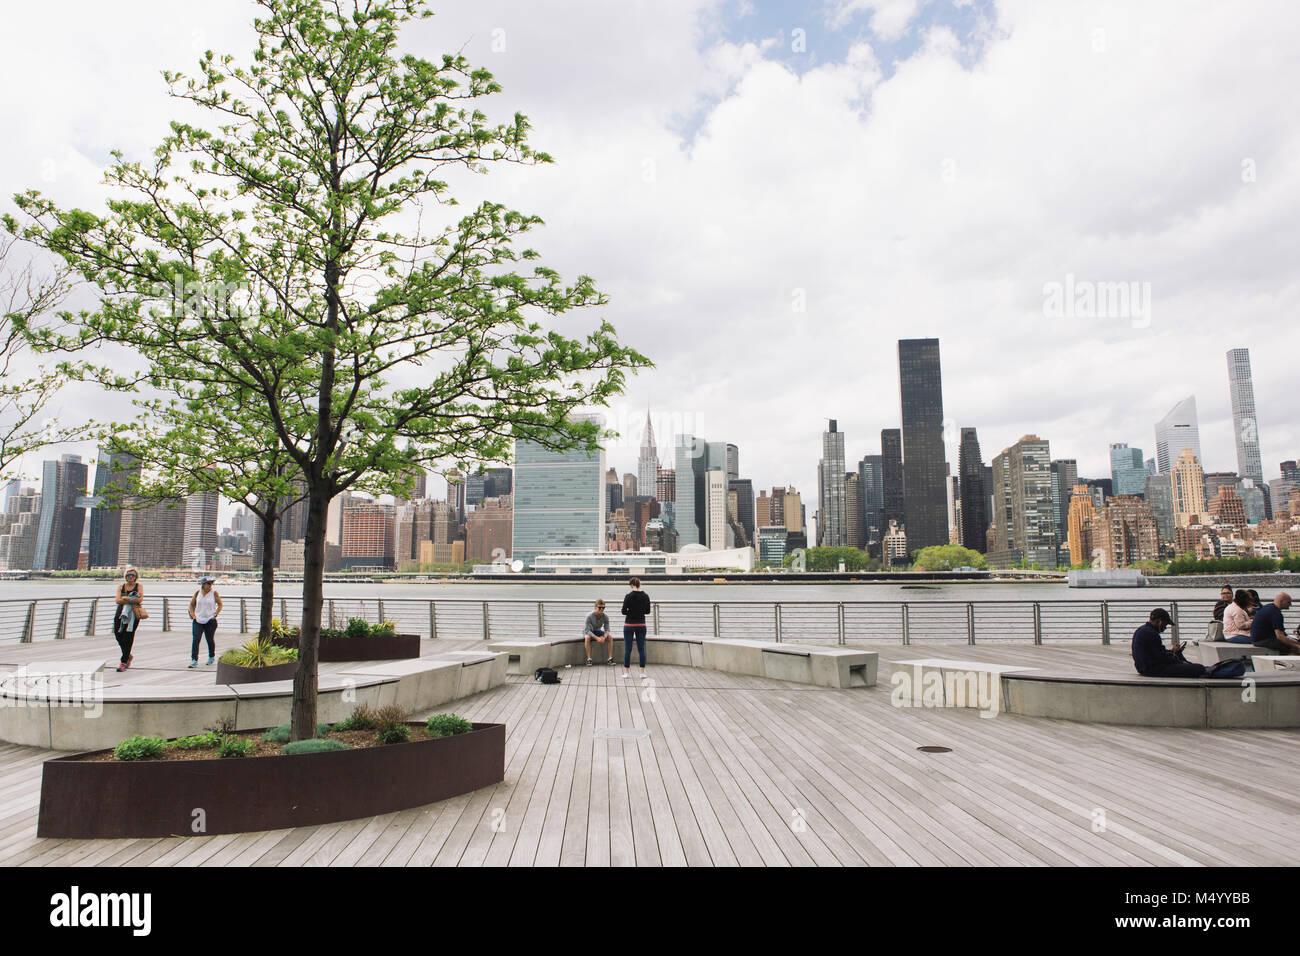 Paseo marítimo con vistas de la ciudad de Nueva York, Plaza de Gantry State Park, de Long Island City, Nueva York, EE.UU. Foto de stock